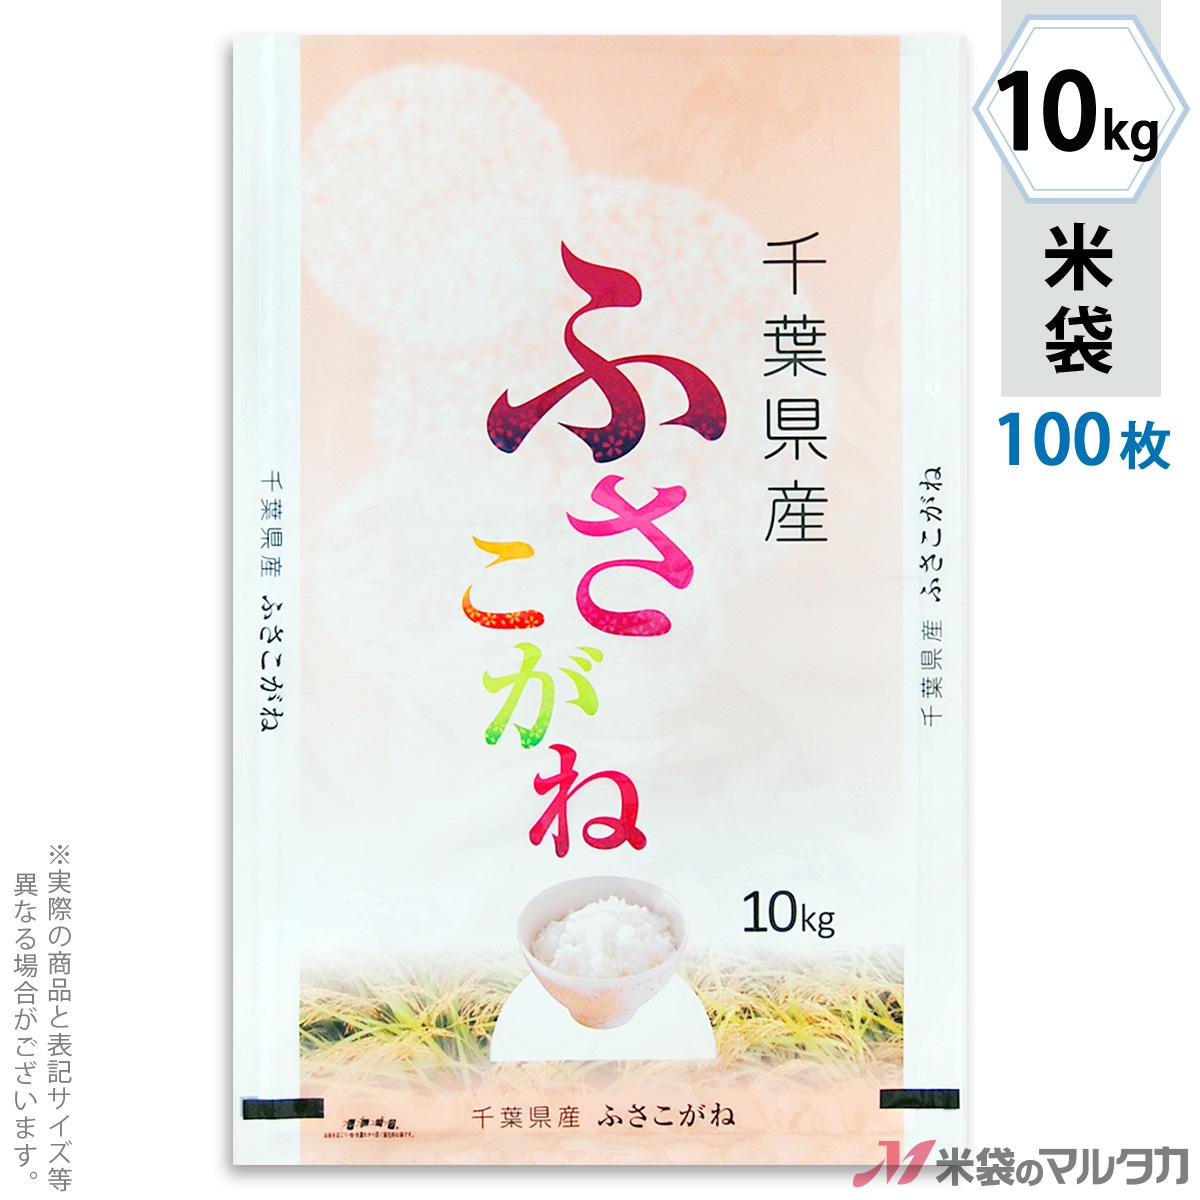 米袋 ラミ フレブレス 千葉産ふさこがね いろどり膳 10kg 100枚セット MN-0055